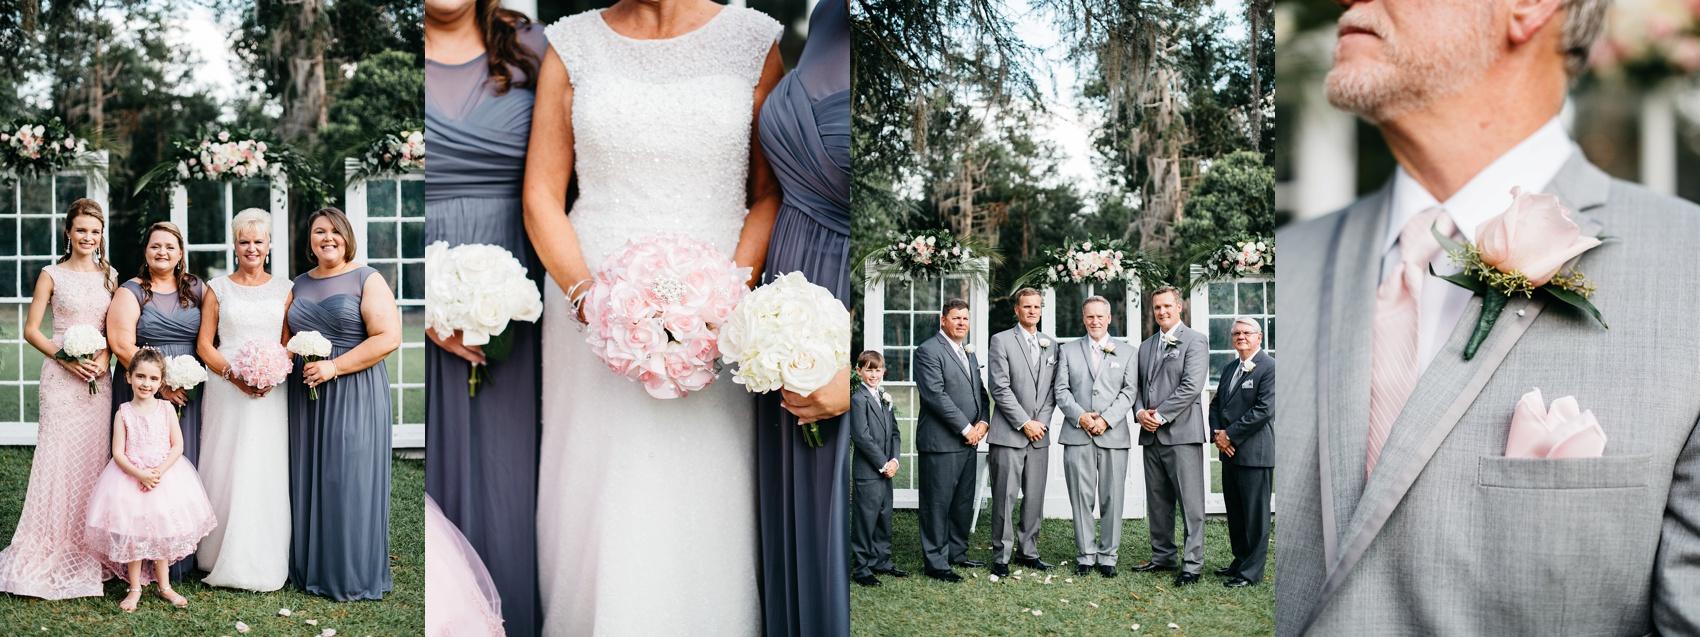 stillco_wedding_3266.jpg